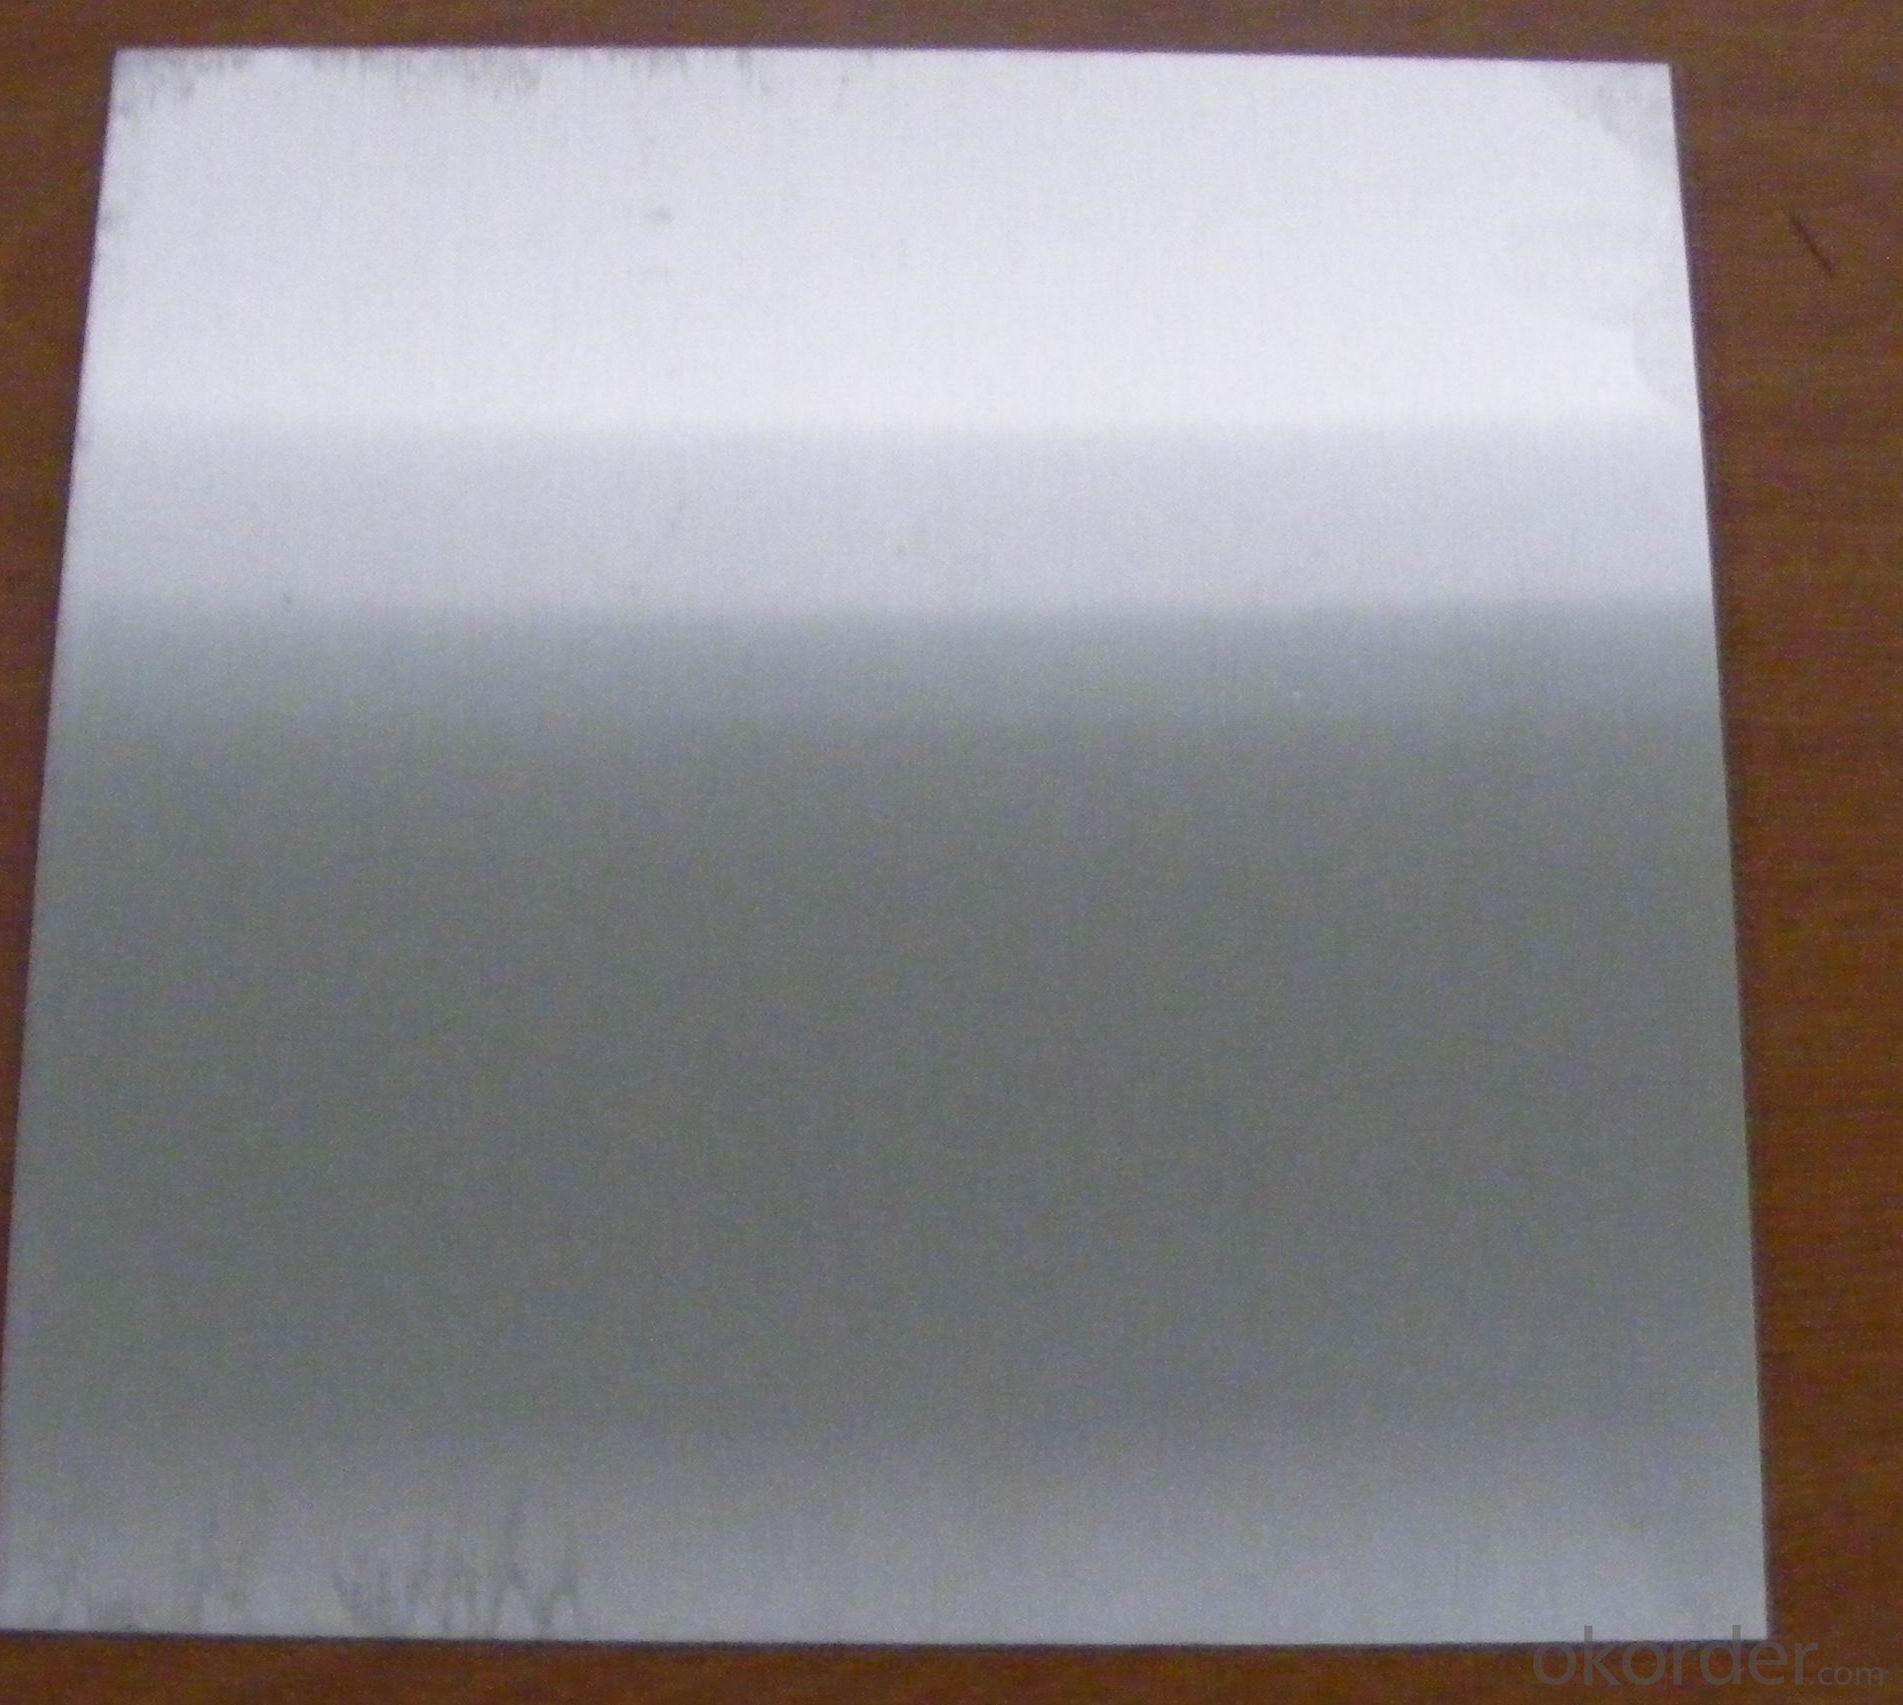 GB Standard Mill Finished Aluminum Sheet